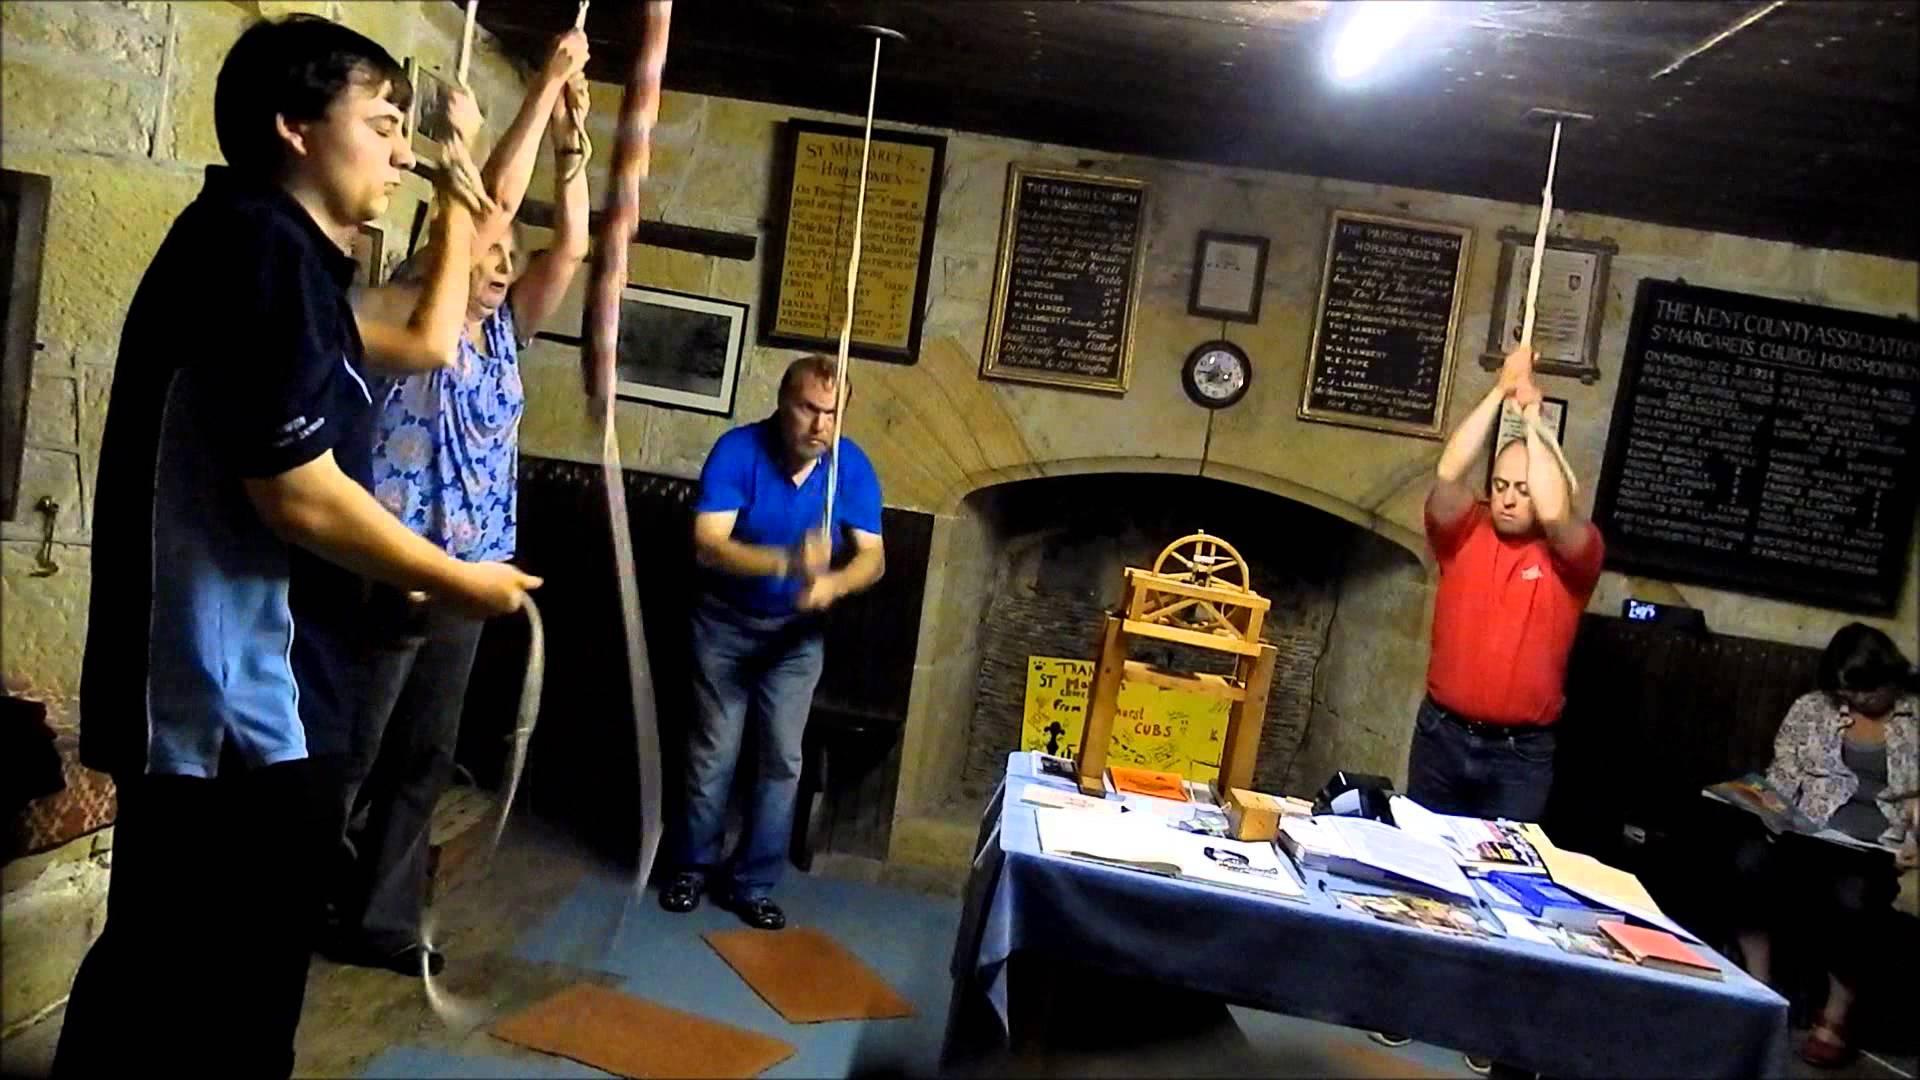 Horsmonden Bell Ringers